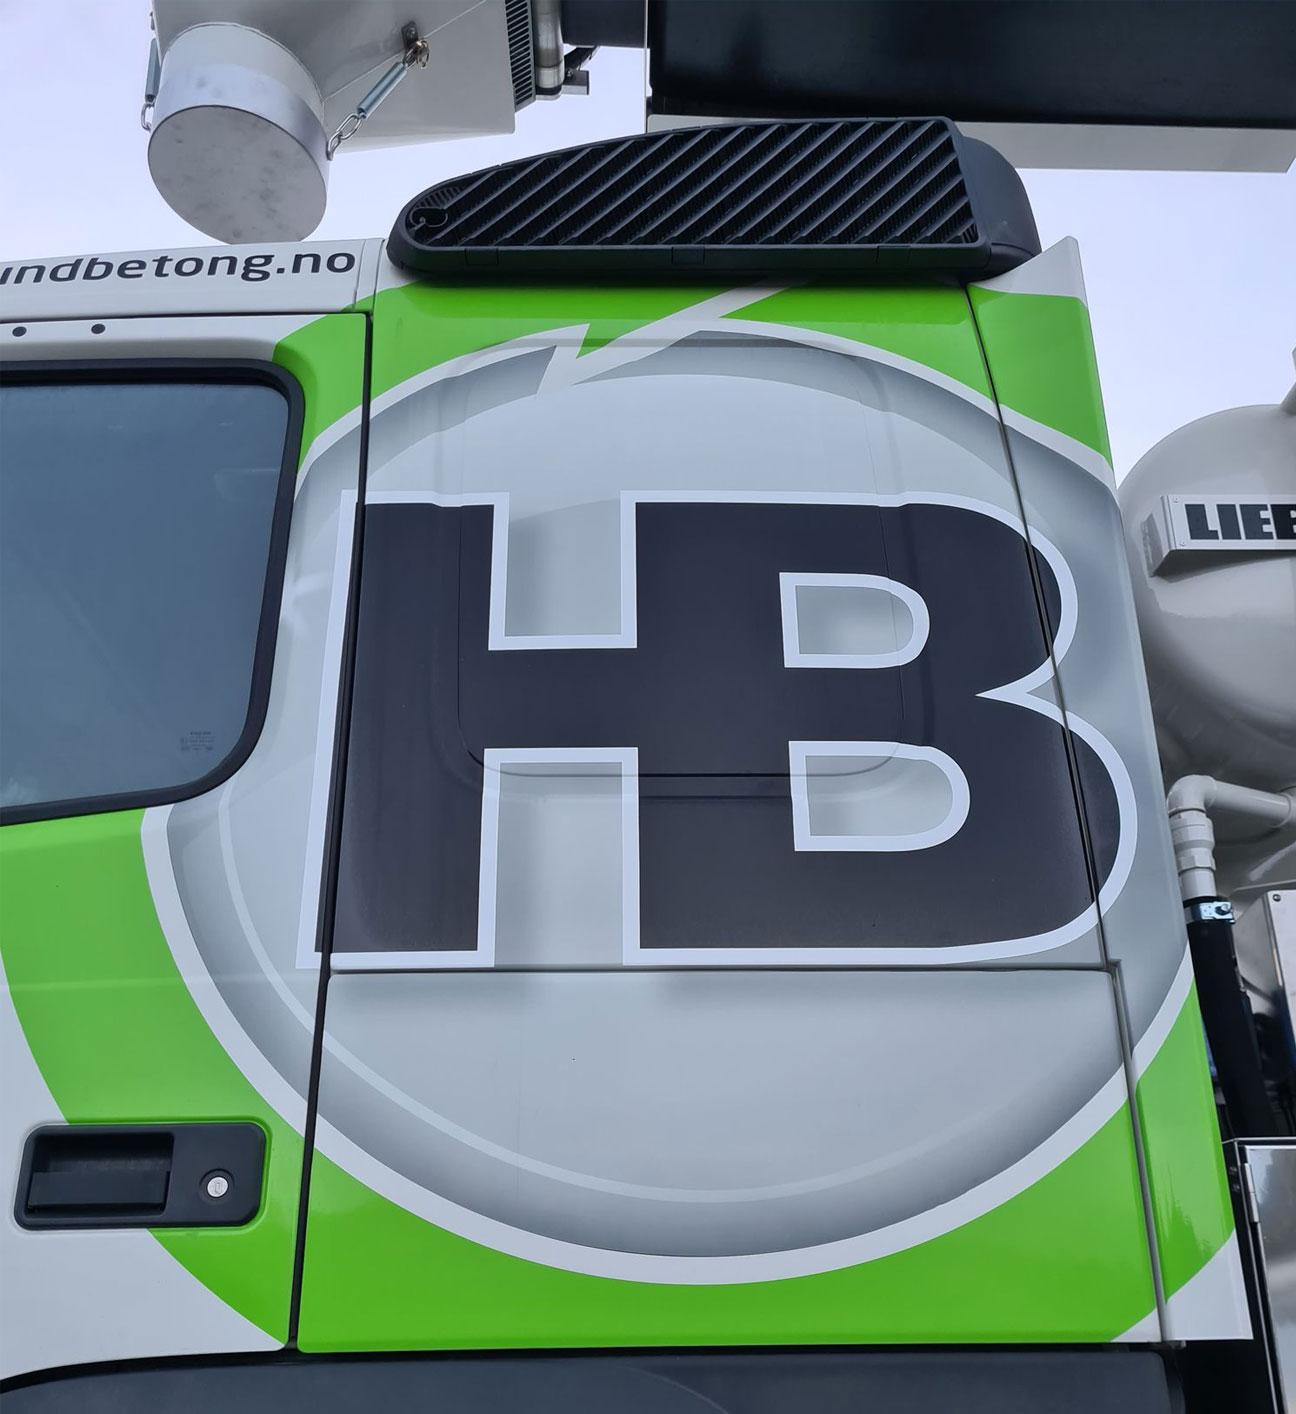 Logo på lastebil